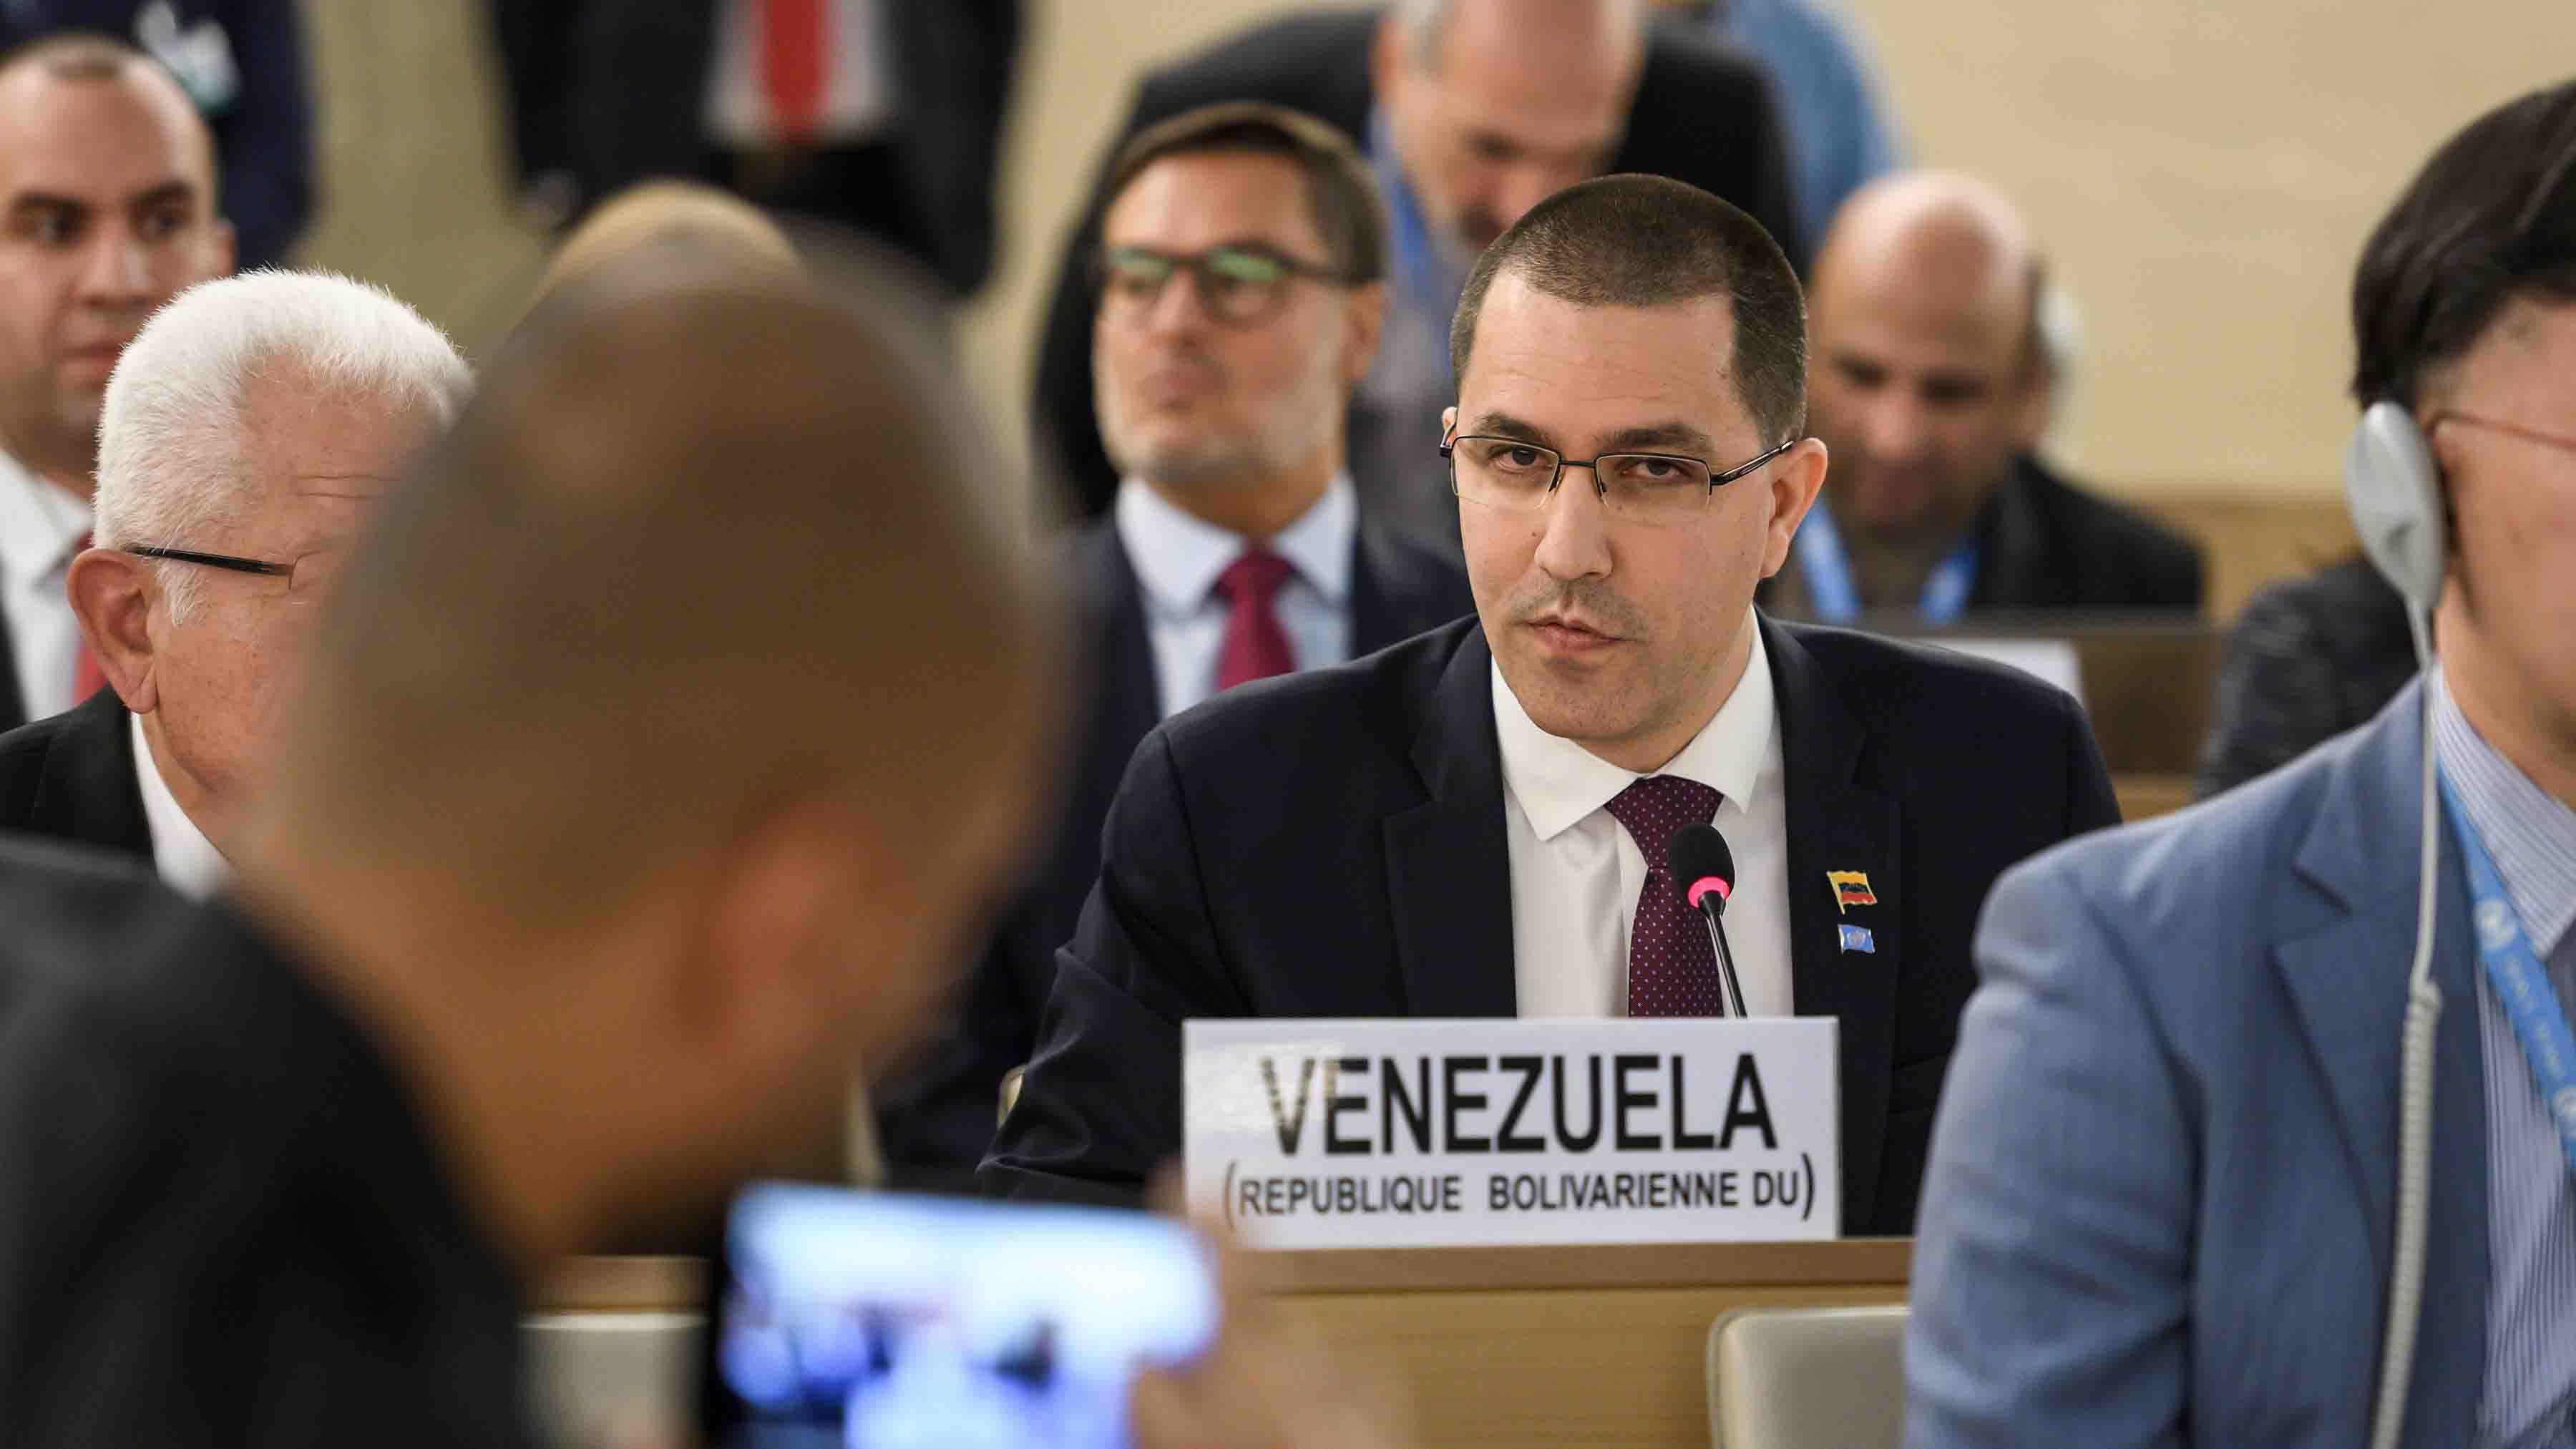 El congreso se inició en coincidencia con la conmemoración del Día Internacional de los Derechos Humanos